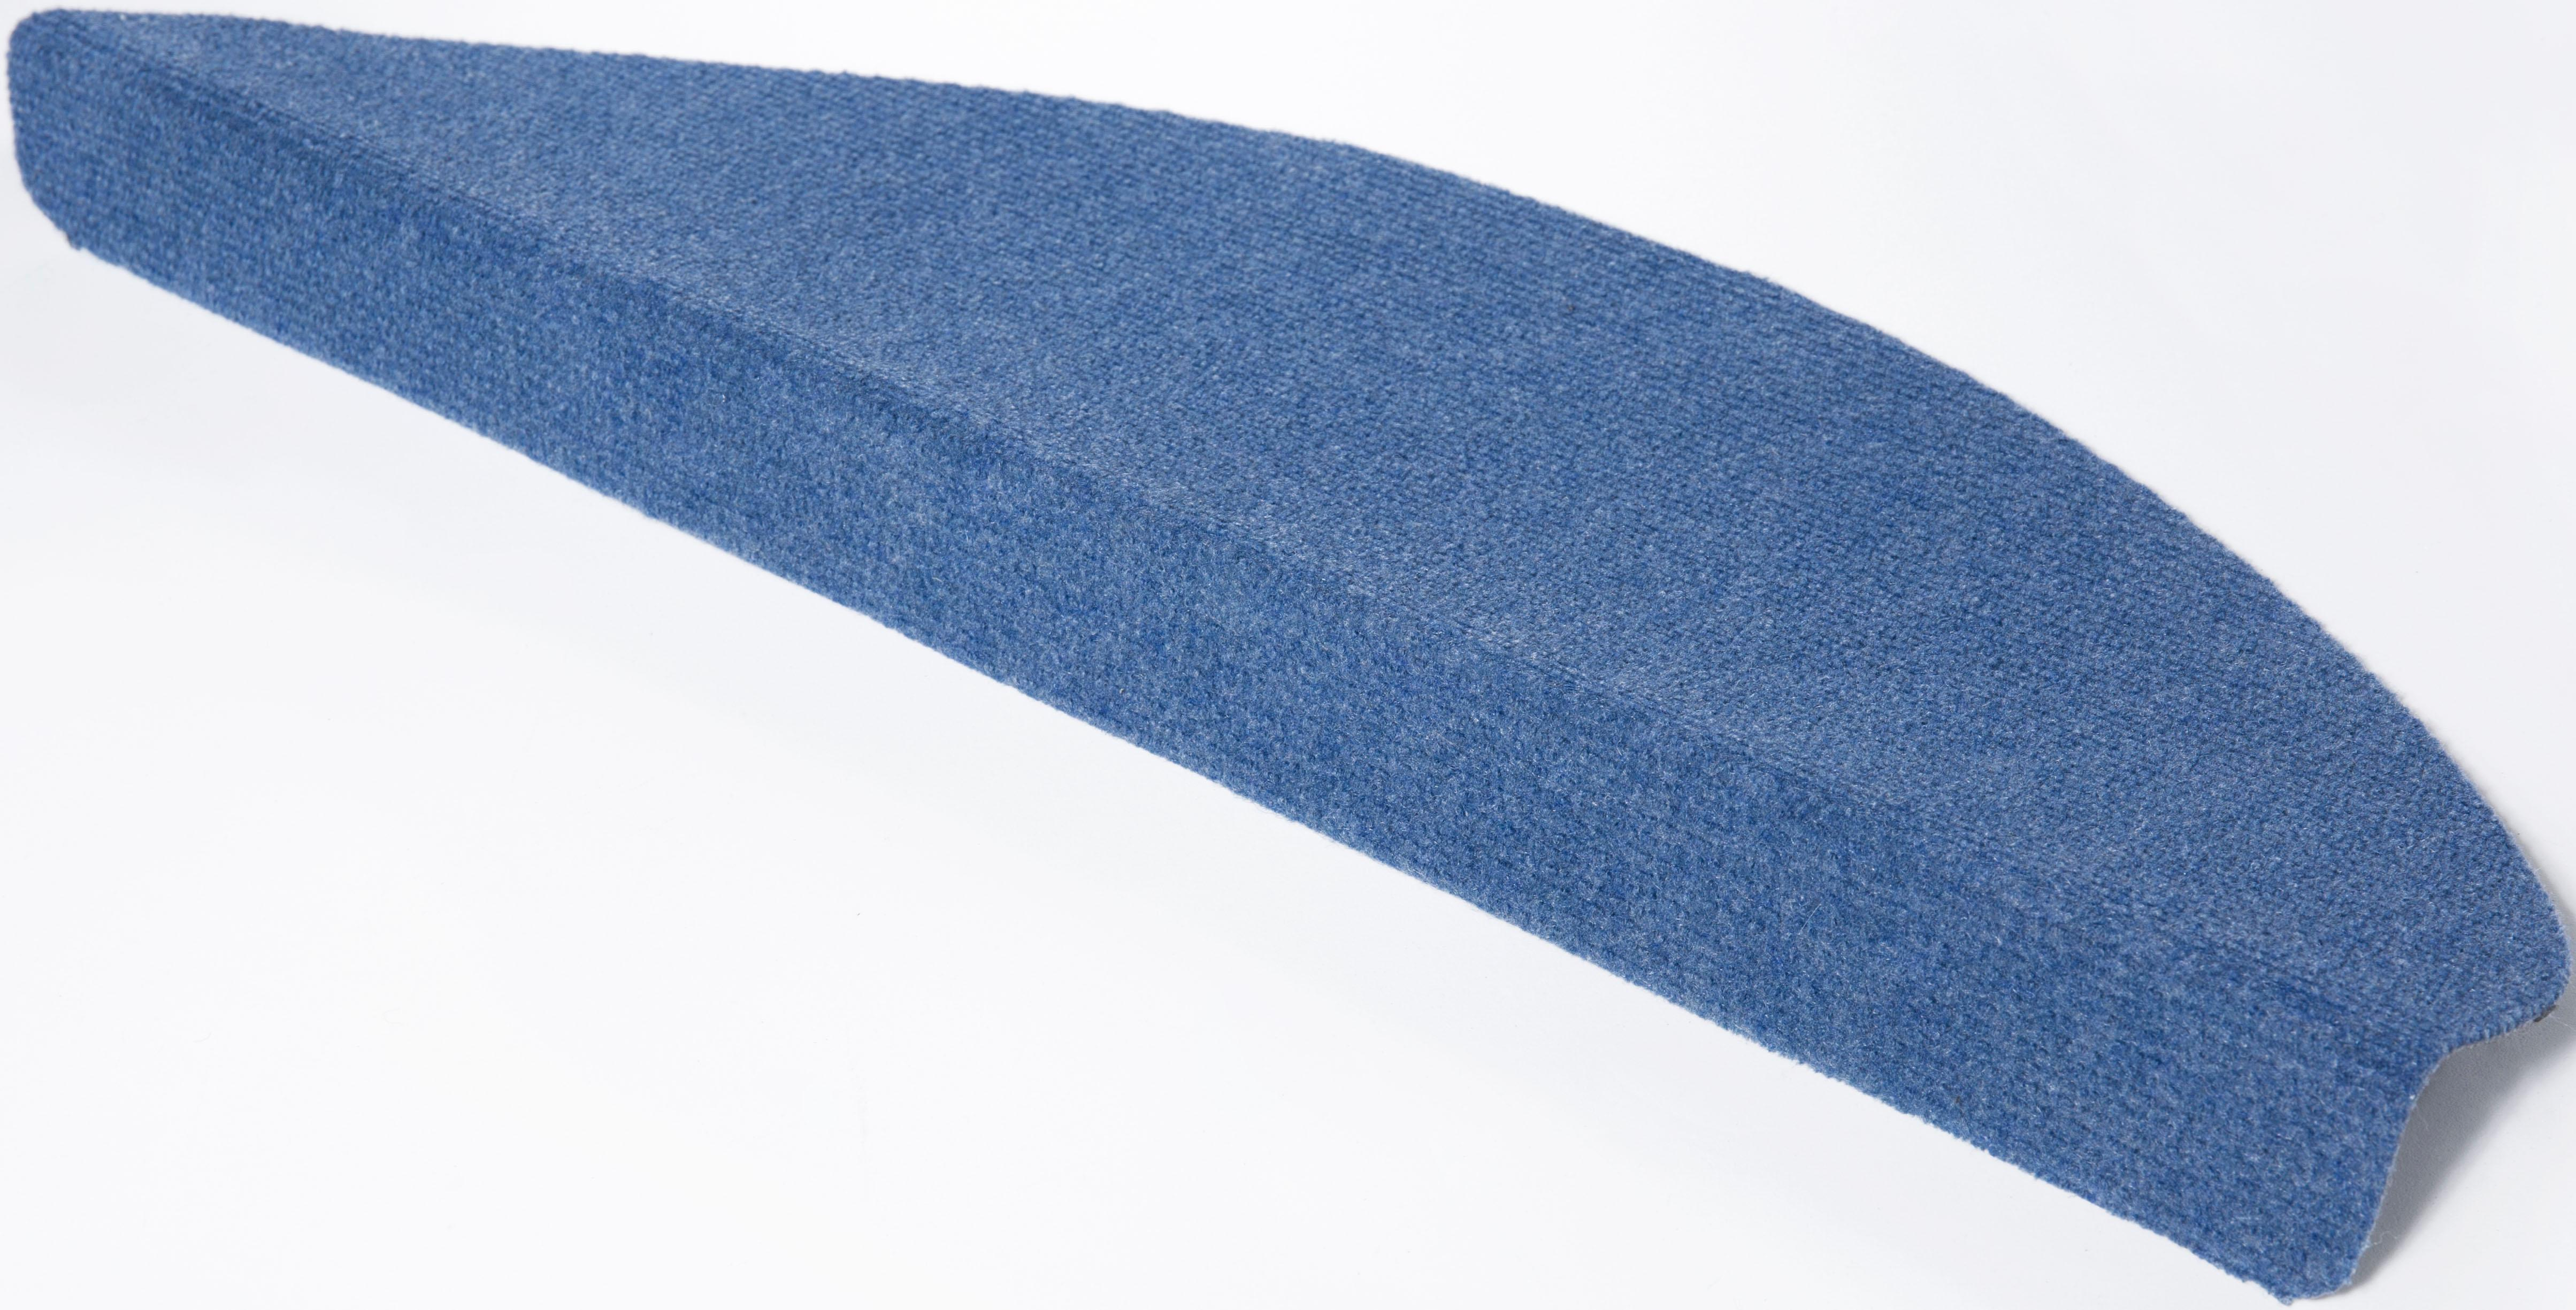 Andiamo Stufenmatte Paris, halbrund, 2 mm Höhe, 15 Stück in einem Set blau Stufenmatten Teppiche